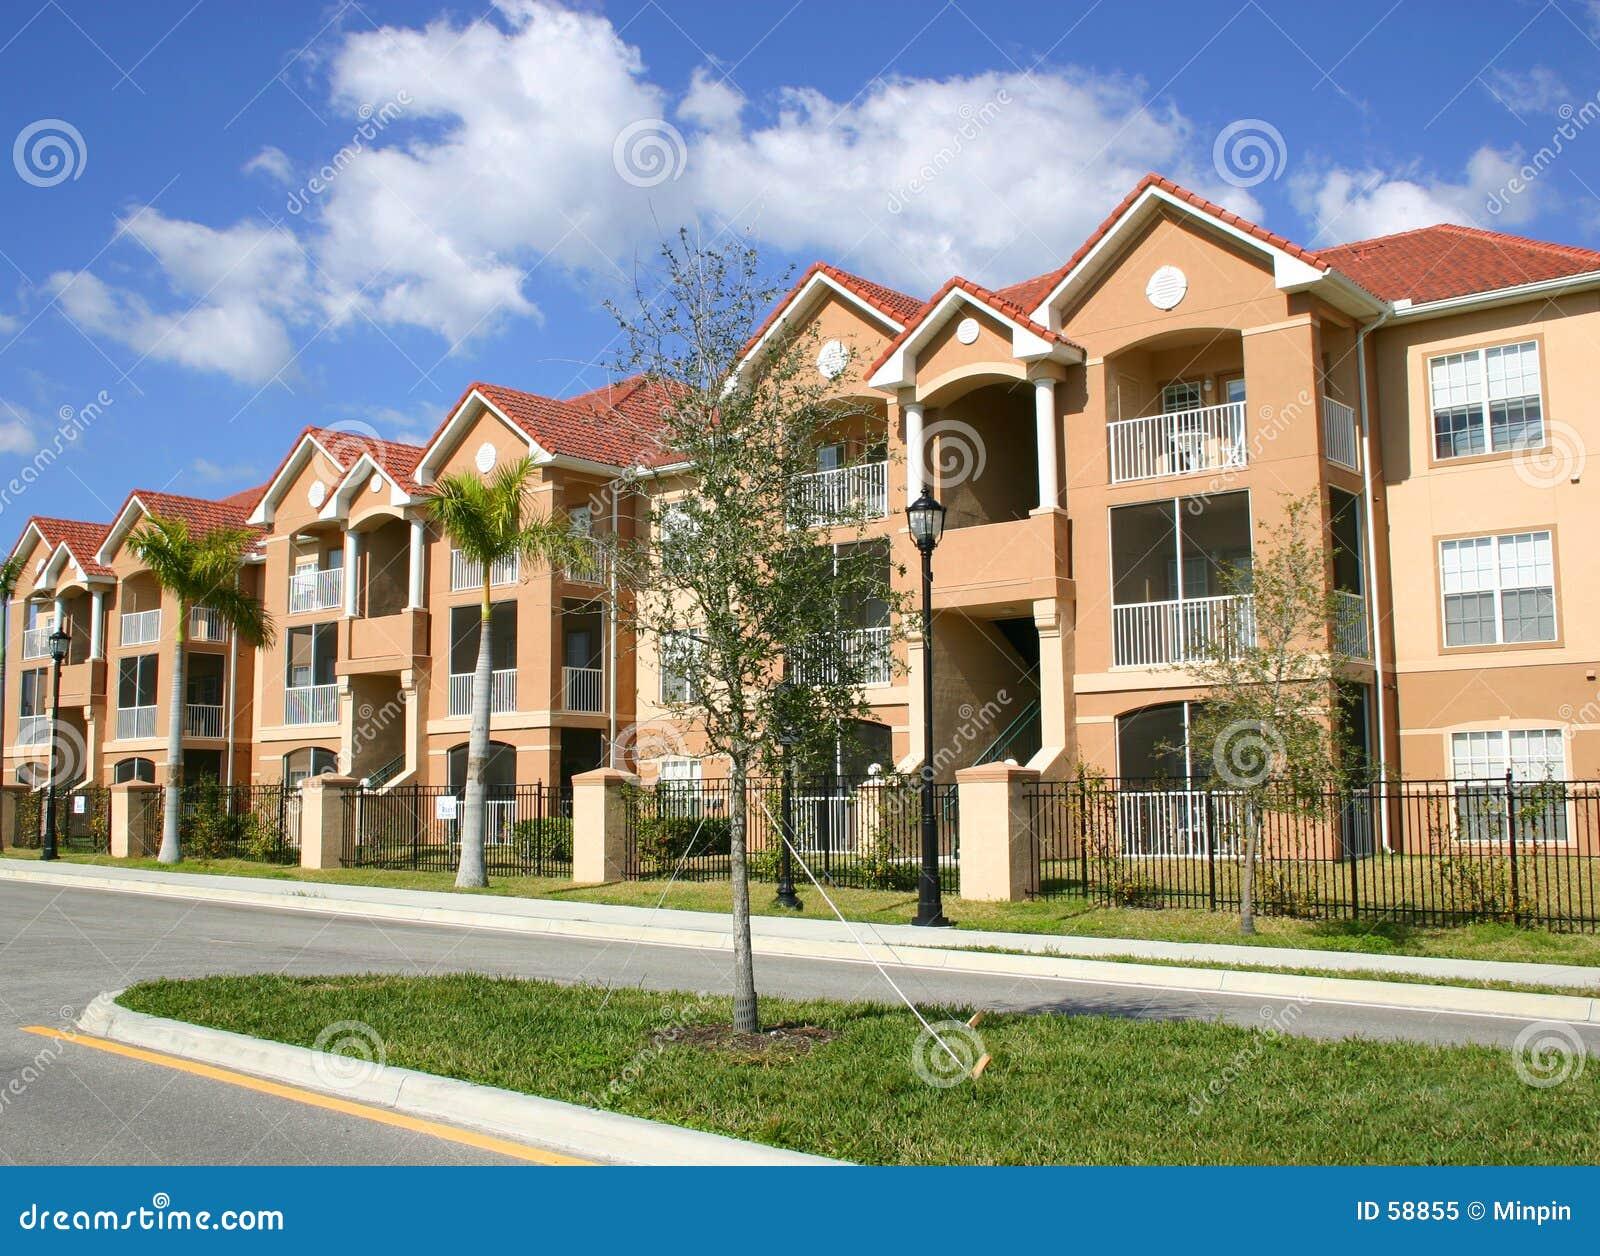 Download Logements colorés image stock. Image du ligne, maisons, rouge - 58855